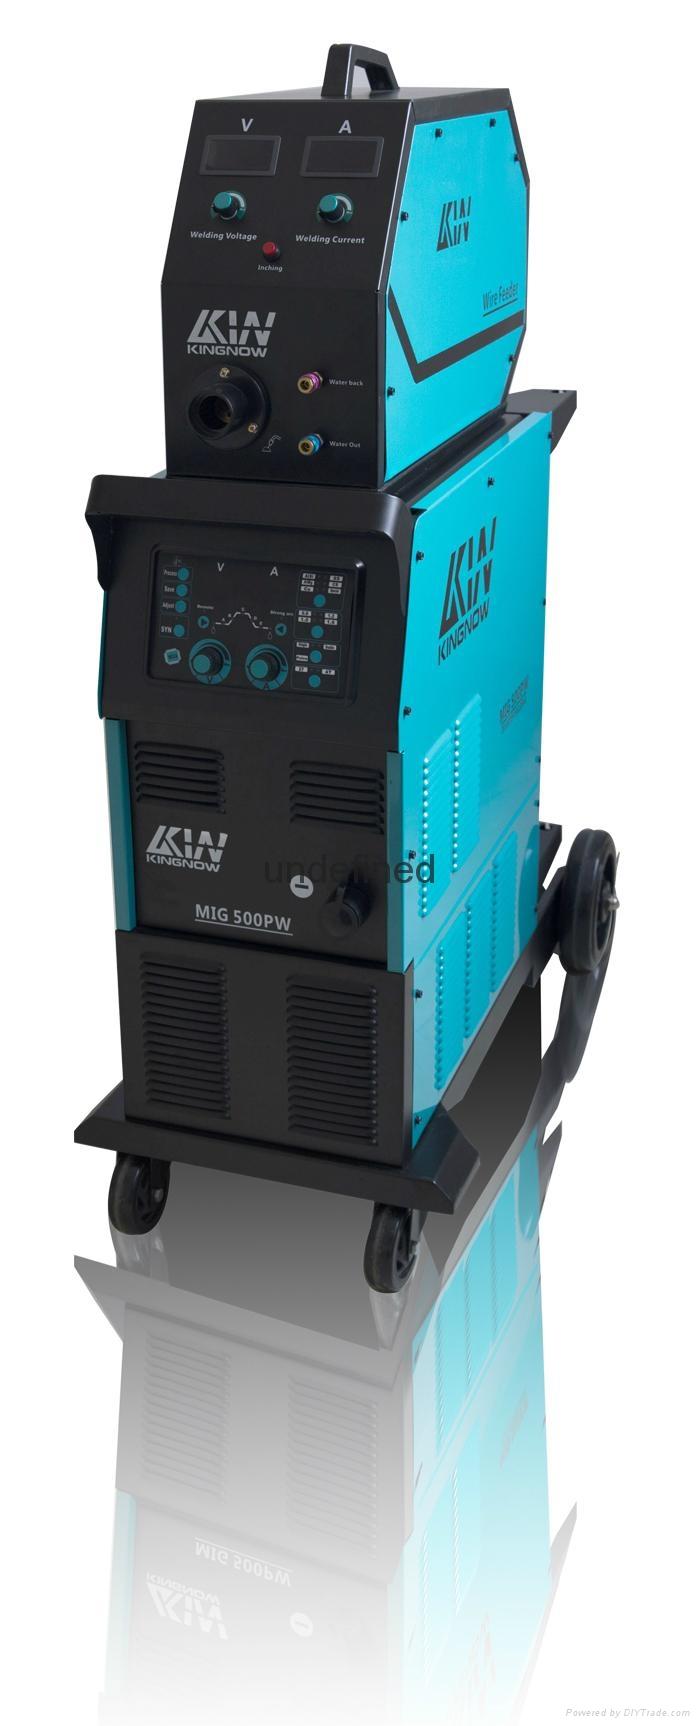 脈衝氣保焊焊機 脈衝機焊鋁  脈衝焊機 焊接不鏽鋼 焊鋁專家 工廠價格     1